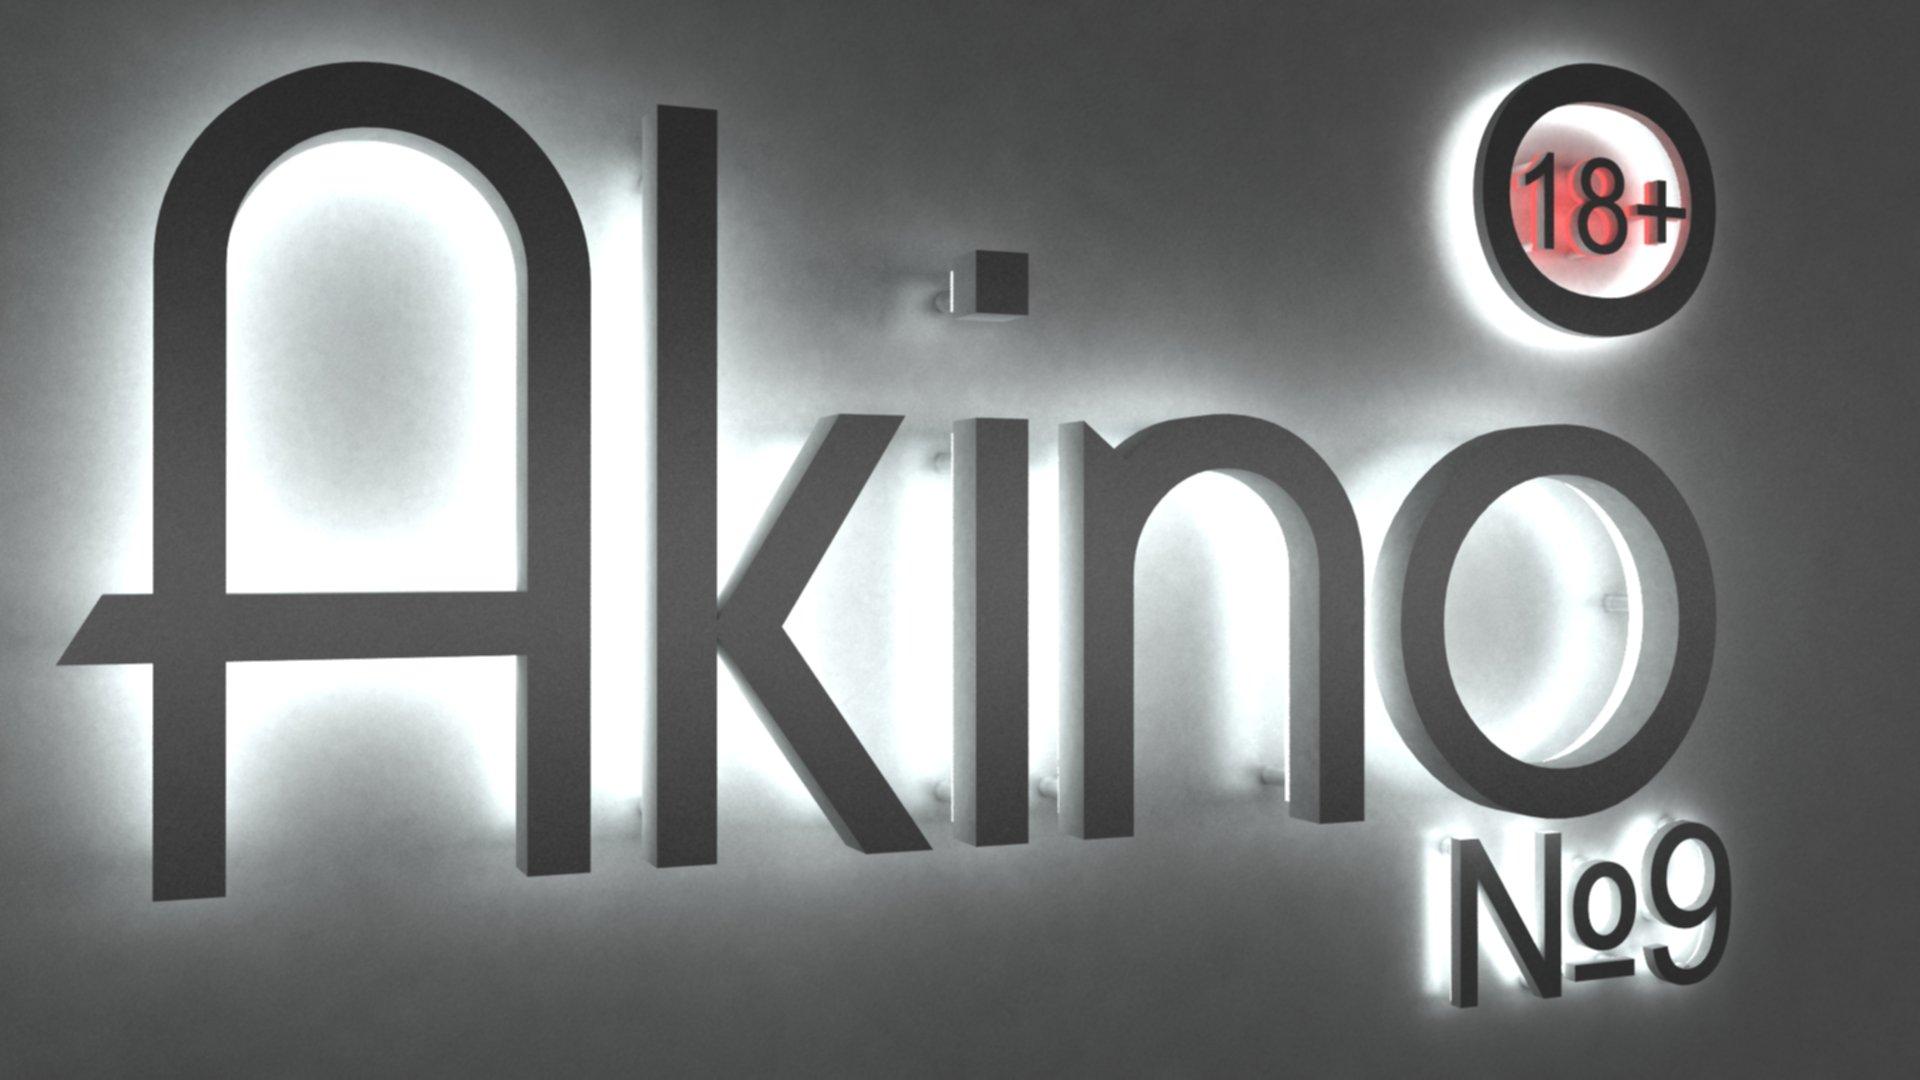 Подкаст AkiNO Выпуск № 9 (18+) - Изображение 1